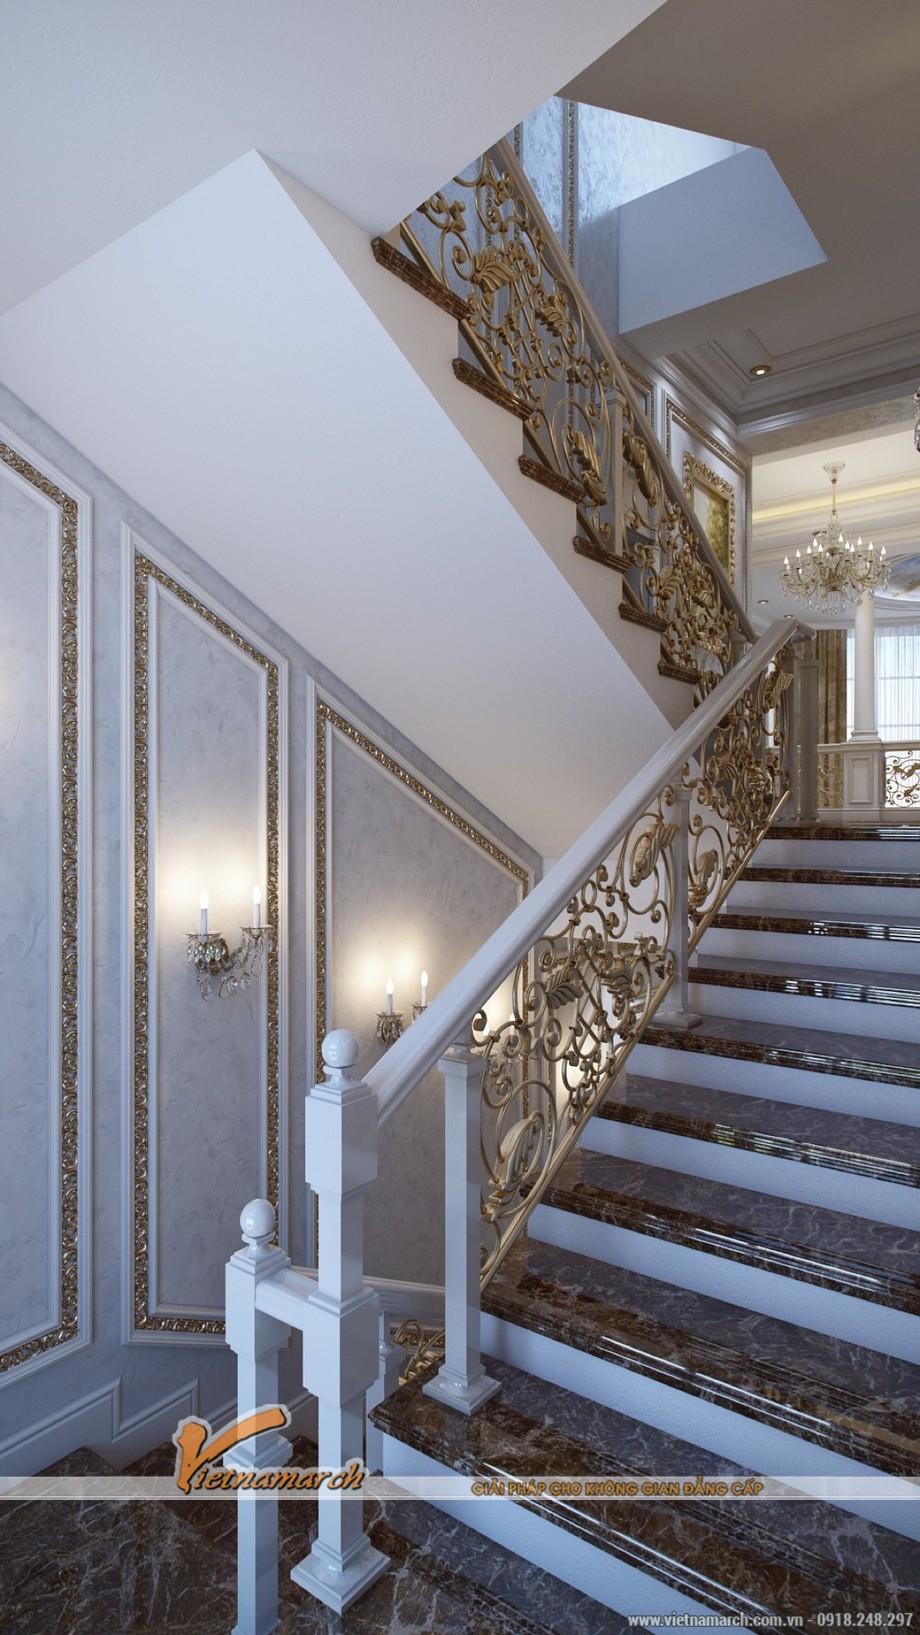 Thiết kế nội thất cổ điển được thể hiện trong những trang trí hoa văn từ cầu thang